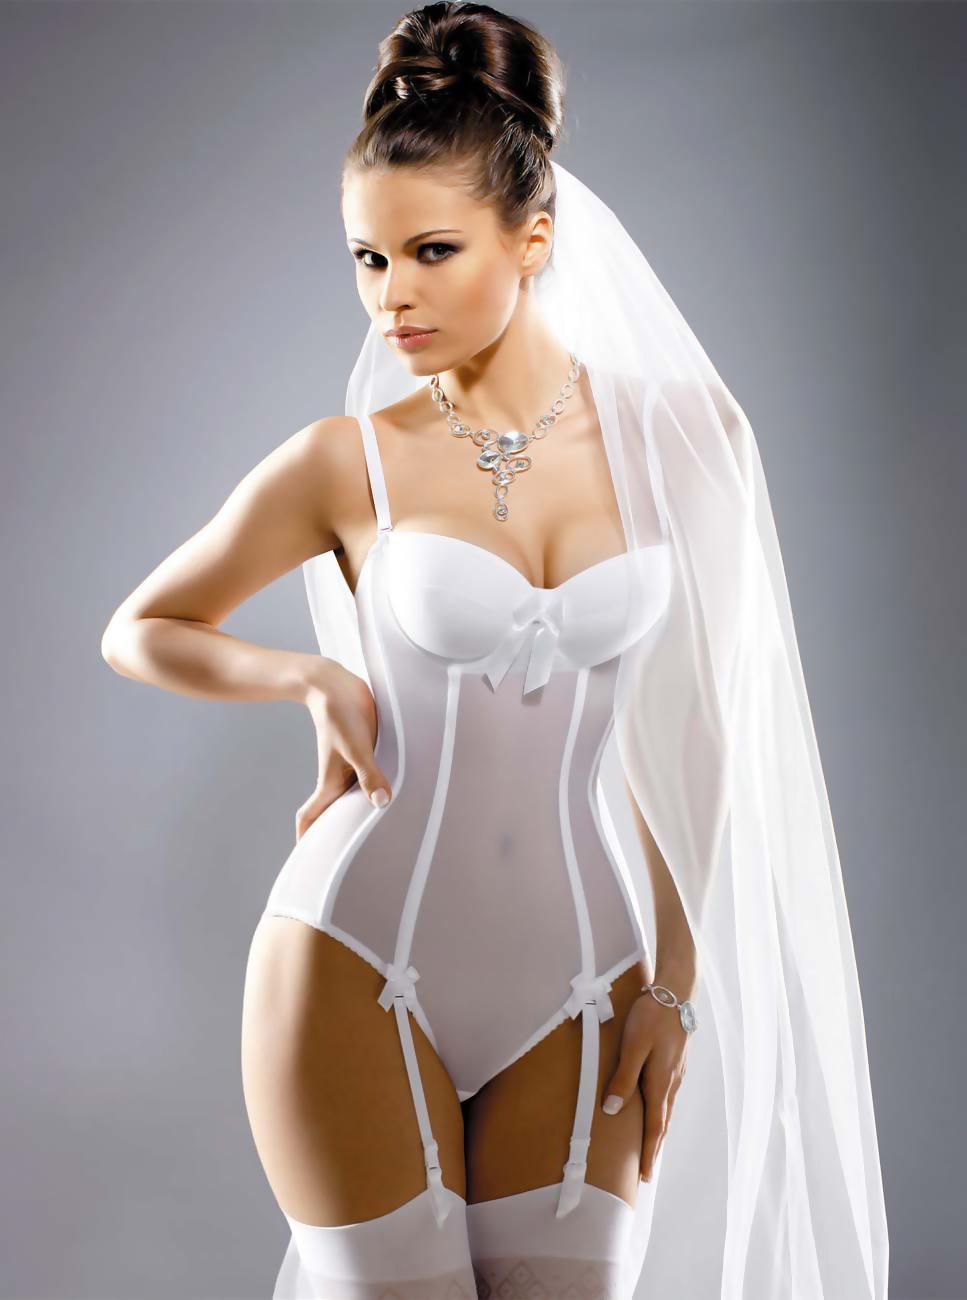 sexy+bride+(5).jpg